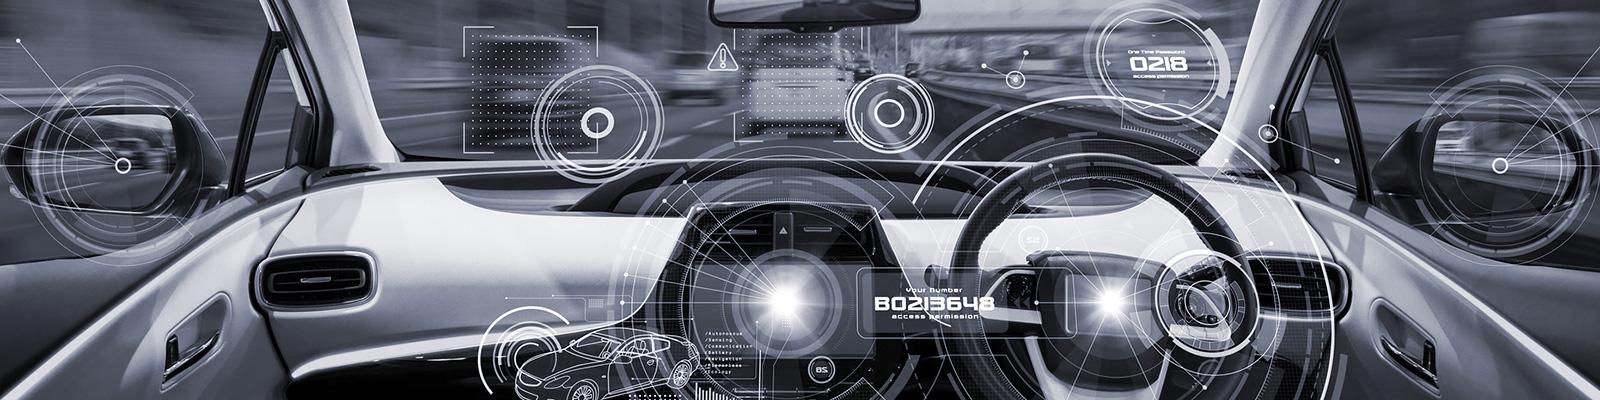 自動運転 イメージ